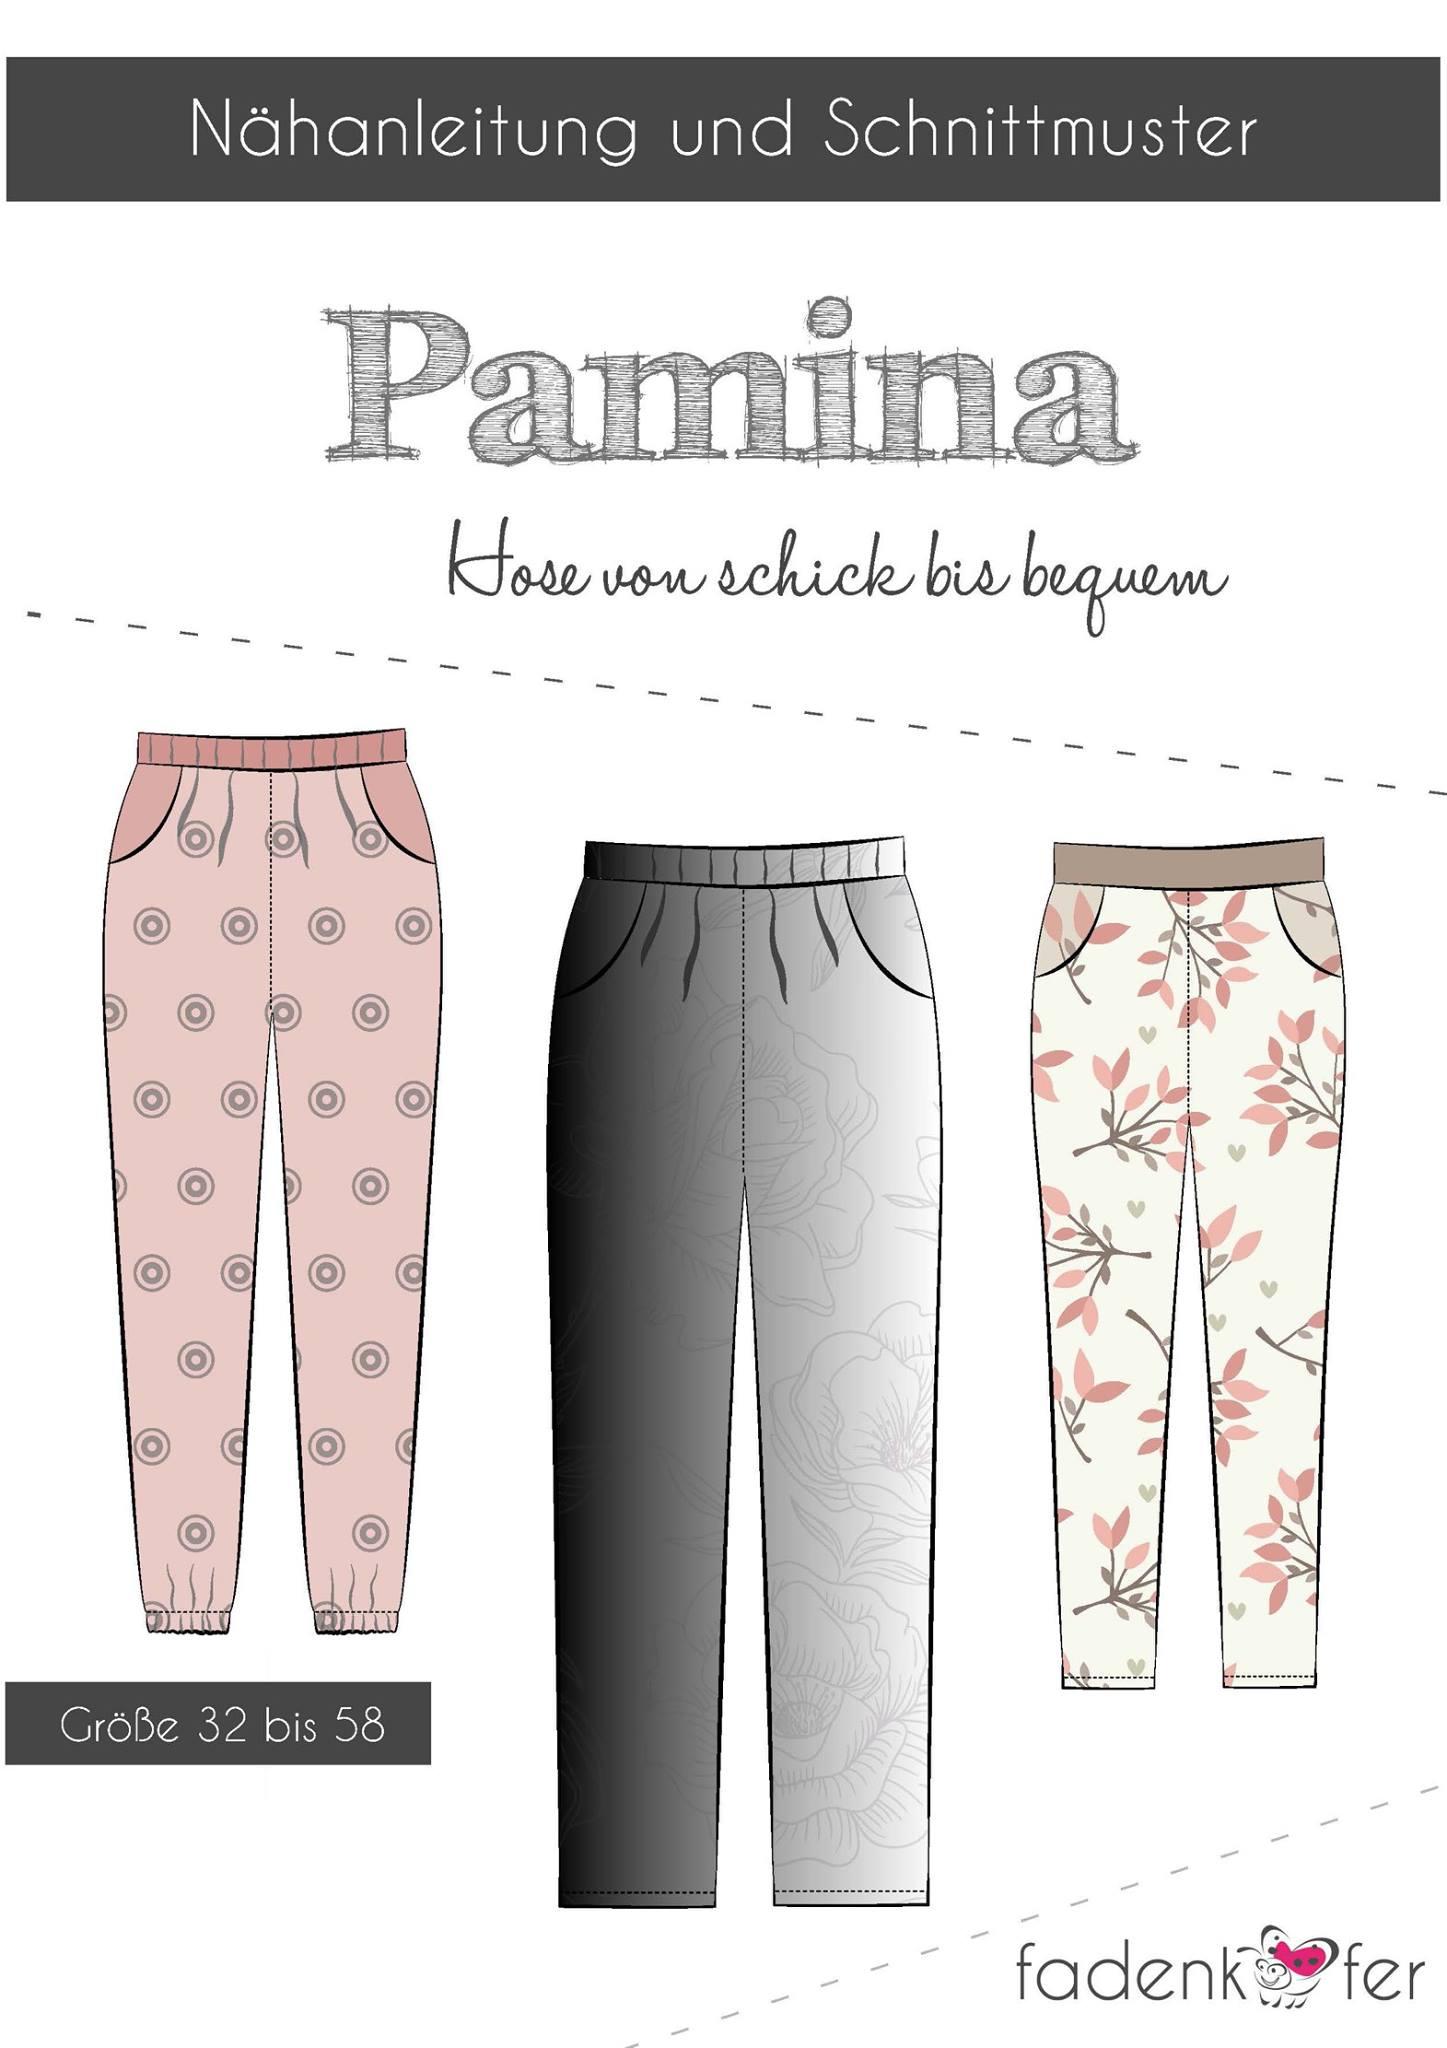 Papierschnittmuster Fadenkäfer Pamina Erwachsene | NähLi